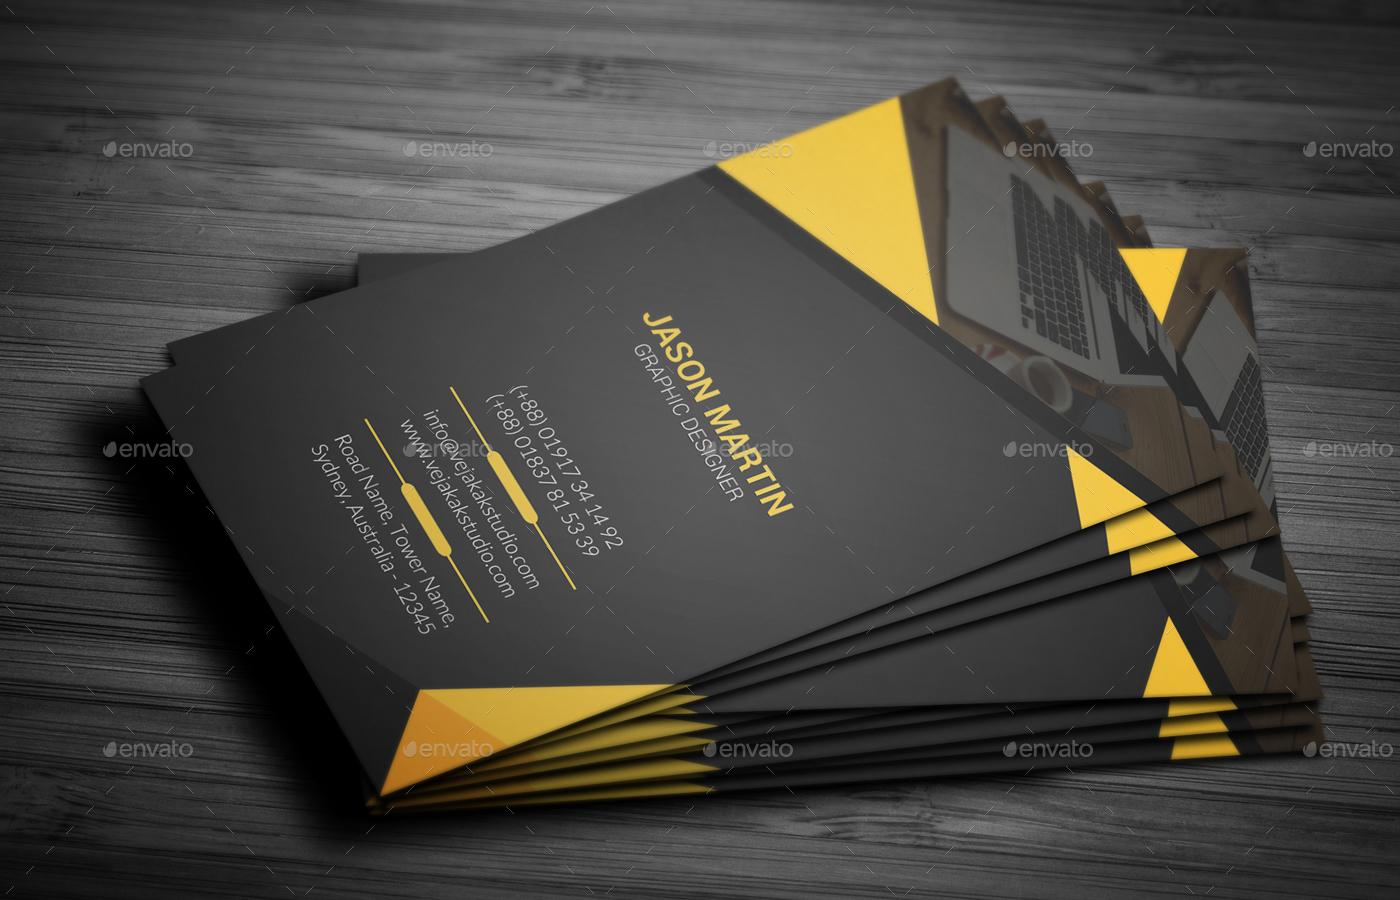 Vertical Business Card Bundle by vejakakstudio | GraphicRiver